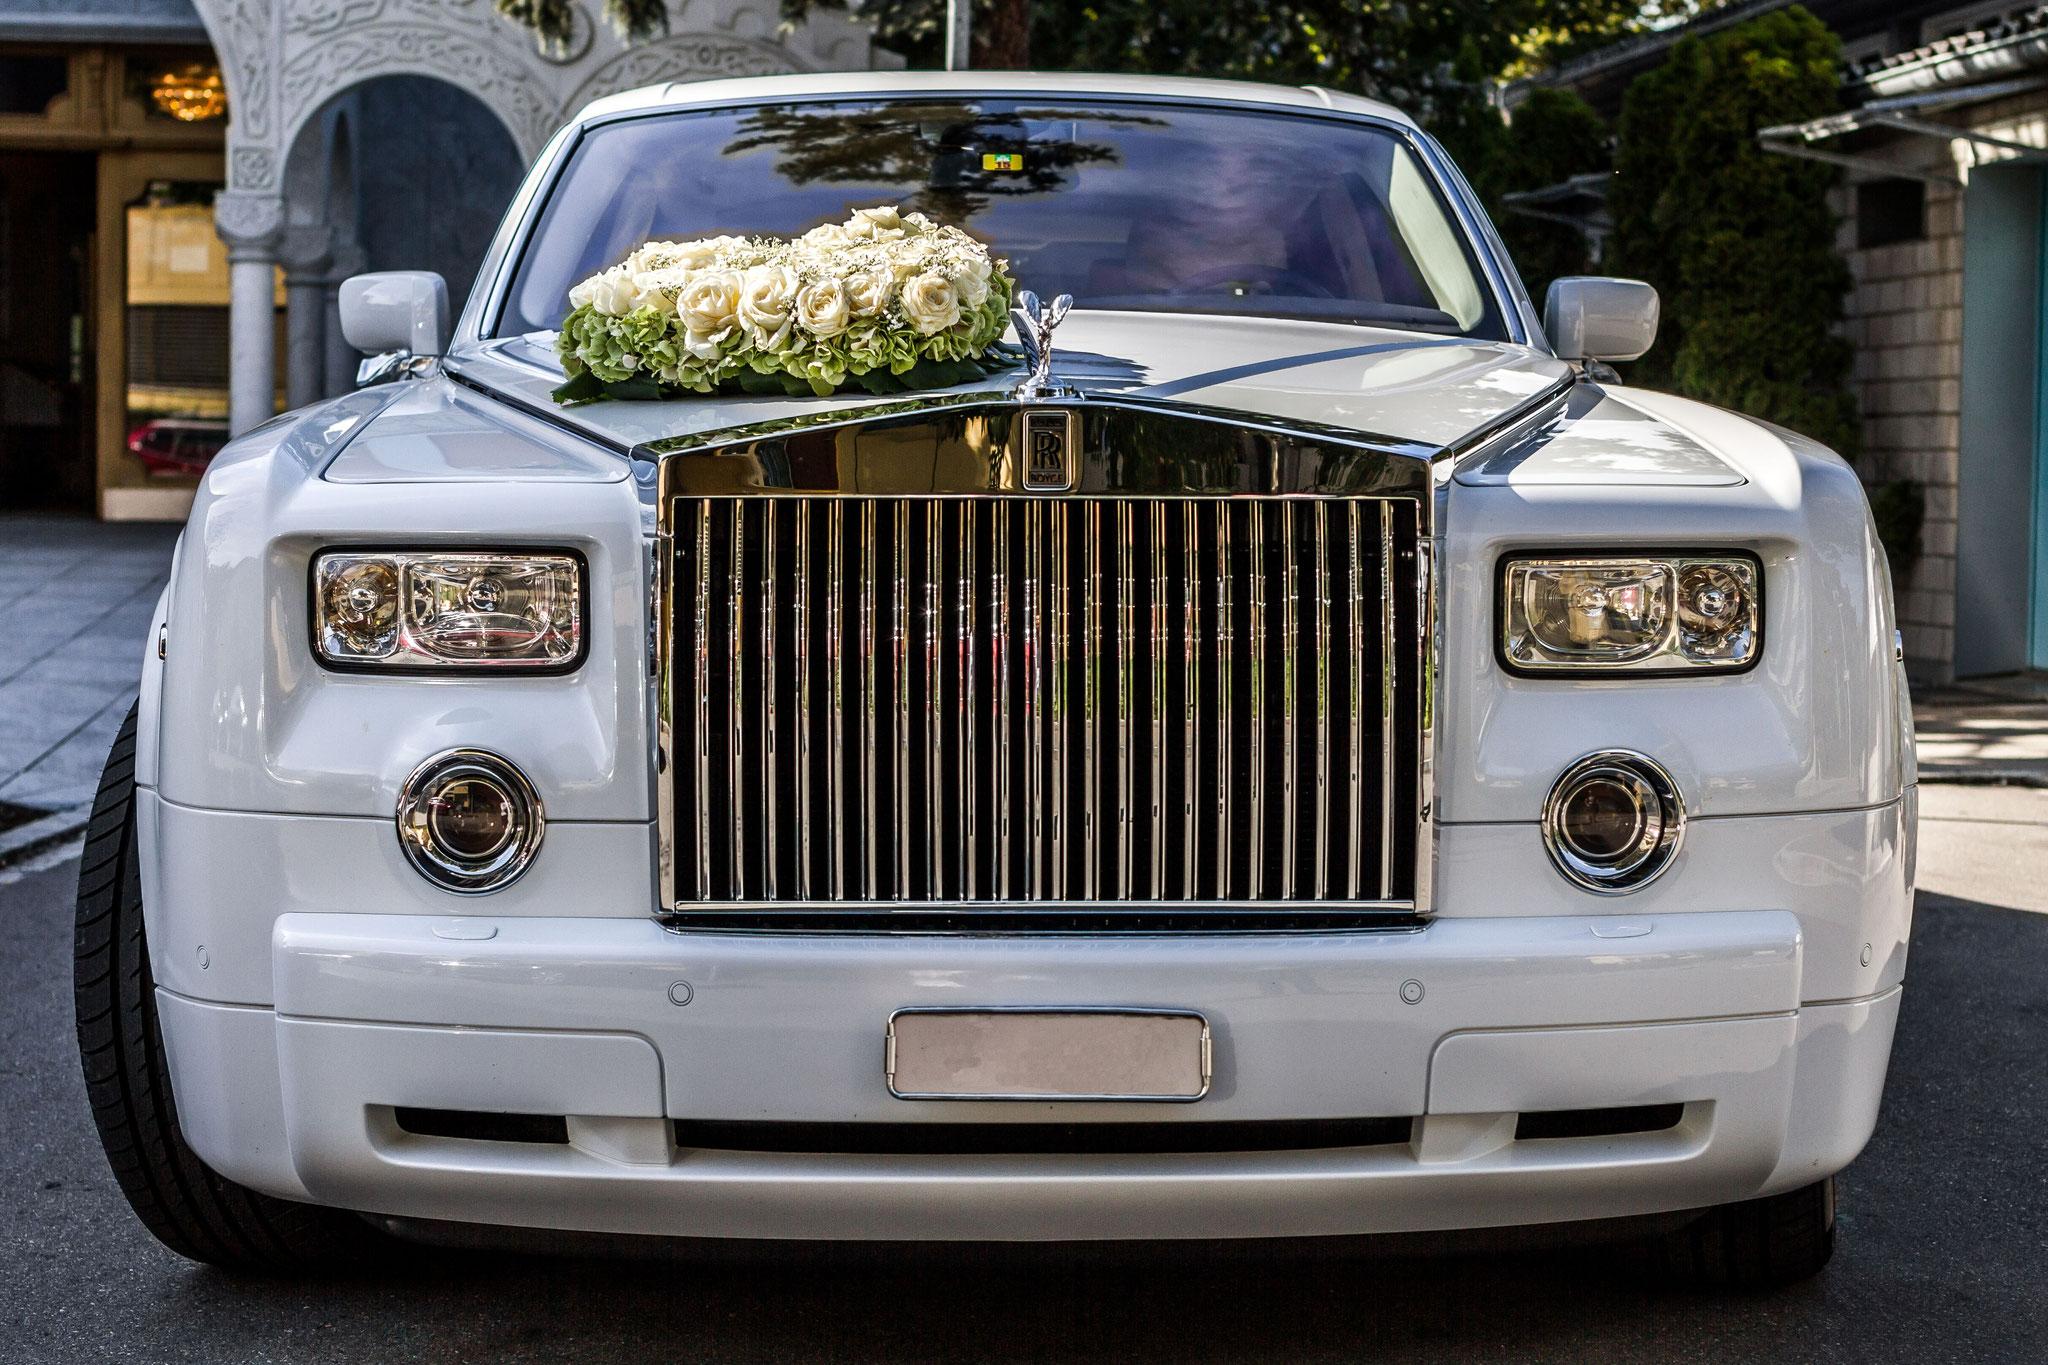 Rolls Royce Phantom VII - Rentalimo Limousinenservice fcf3d9067